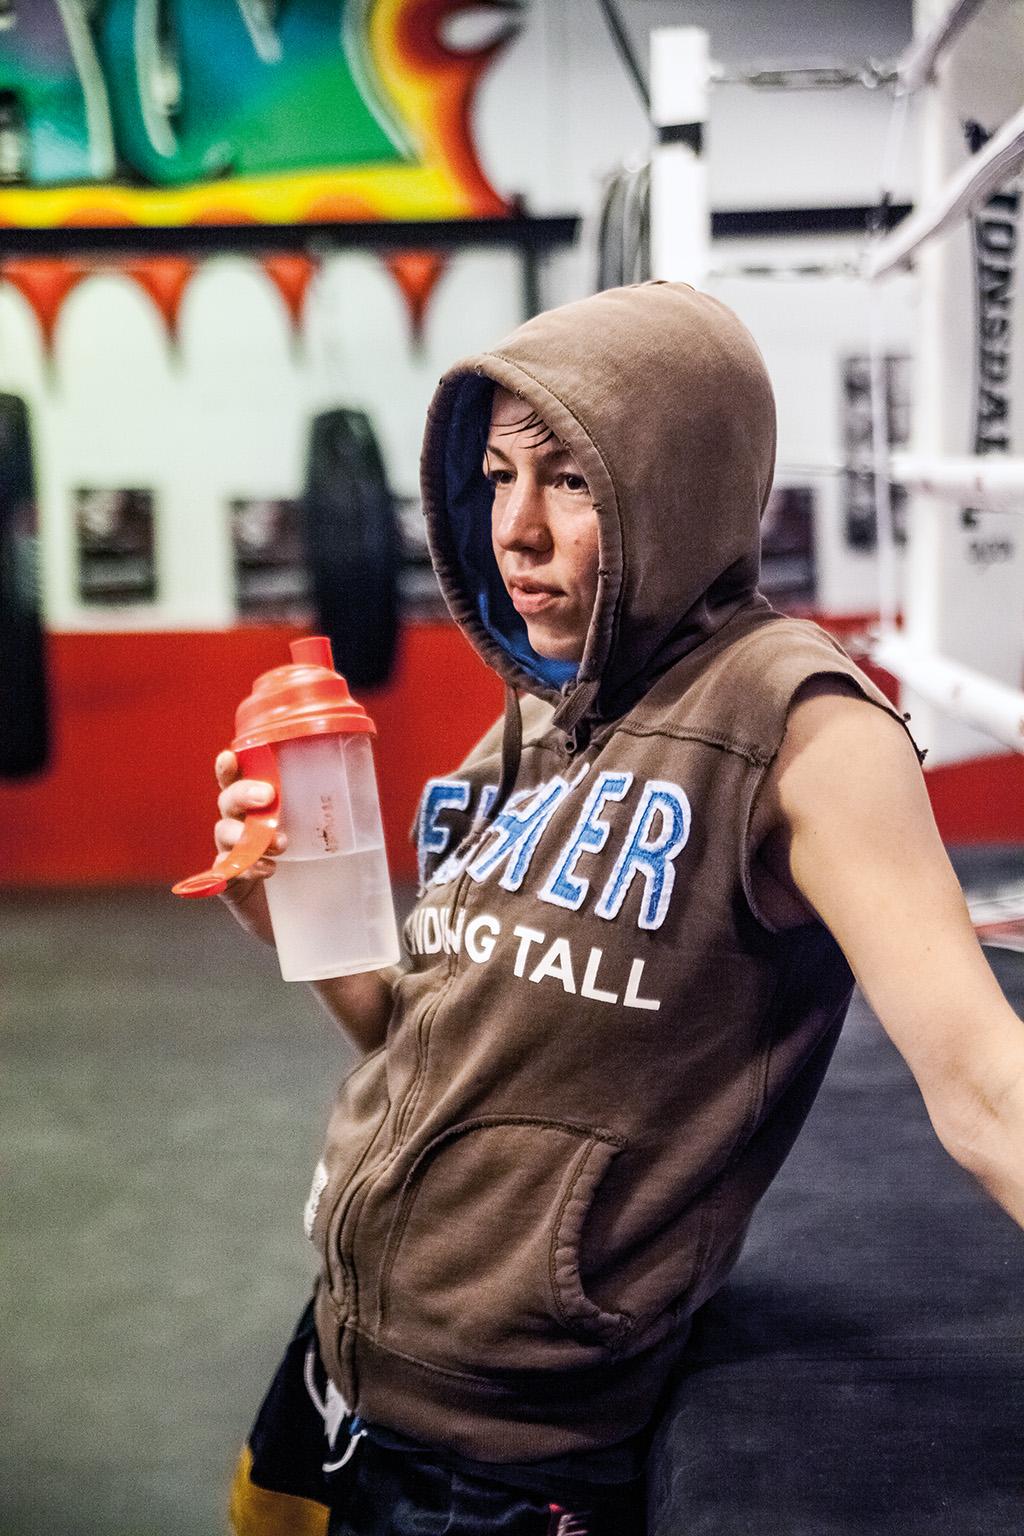 HENRIK LARSSON Elna Heimdal Nilsson - Forskare och EM-mästare i thaiboxning. – Det känns inte som att en fotograf är där, bilden känns tagen i ögonblicket. Den har en hårdhet, samtidigt som hon ser ut att vara insjunken i sina tankar över den senaste fighten.